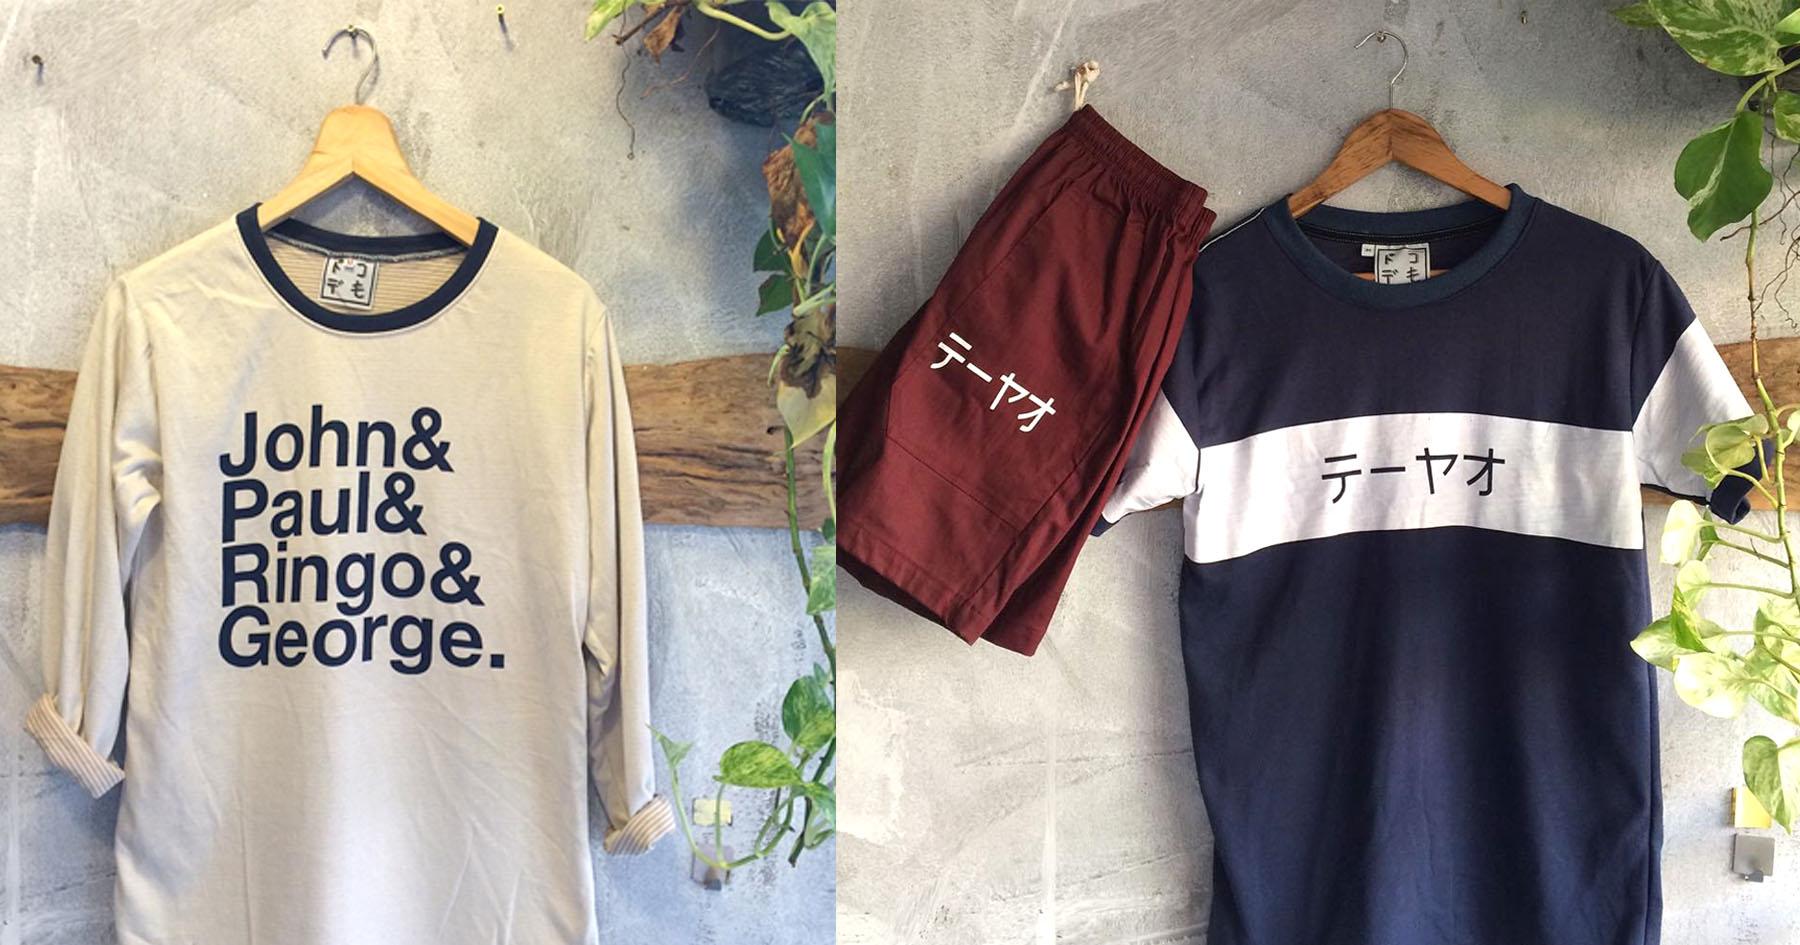 เสื้อชายสไตล์ญี่ปุ่น ลงทุน 3 หมื่น รายได้ 3 แสน ตามกระแสทุกเทศกาล ลูกค้าติดหนึบ